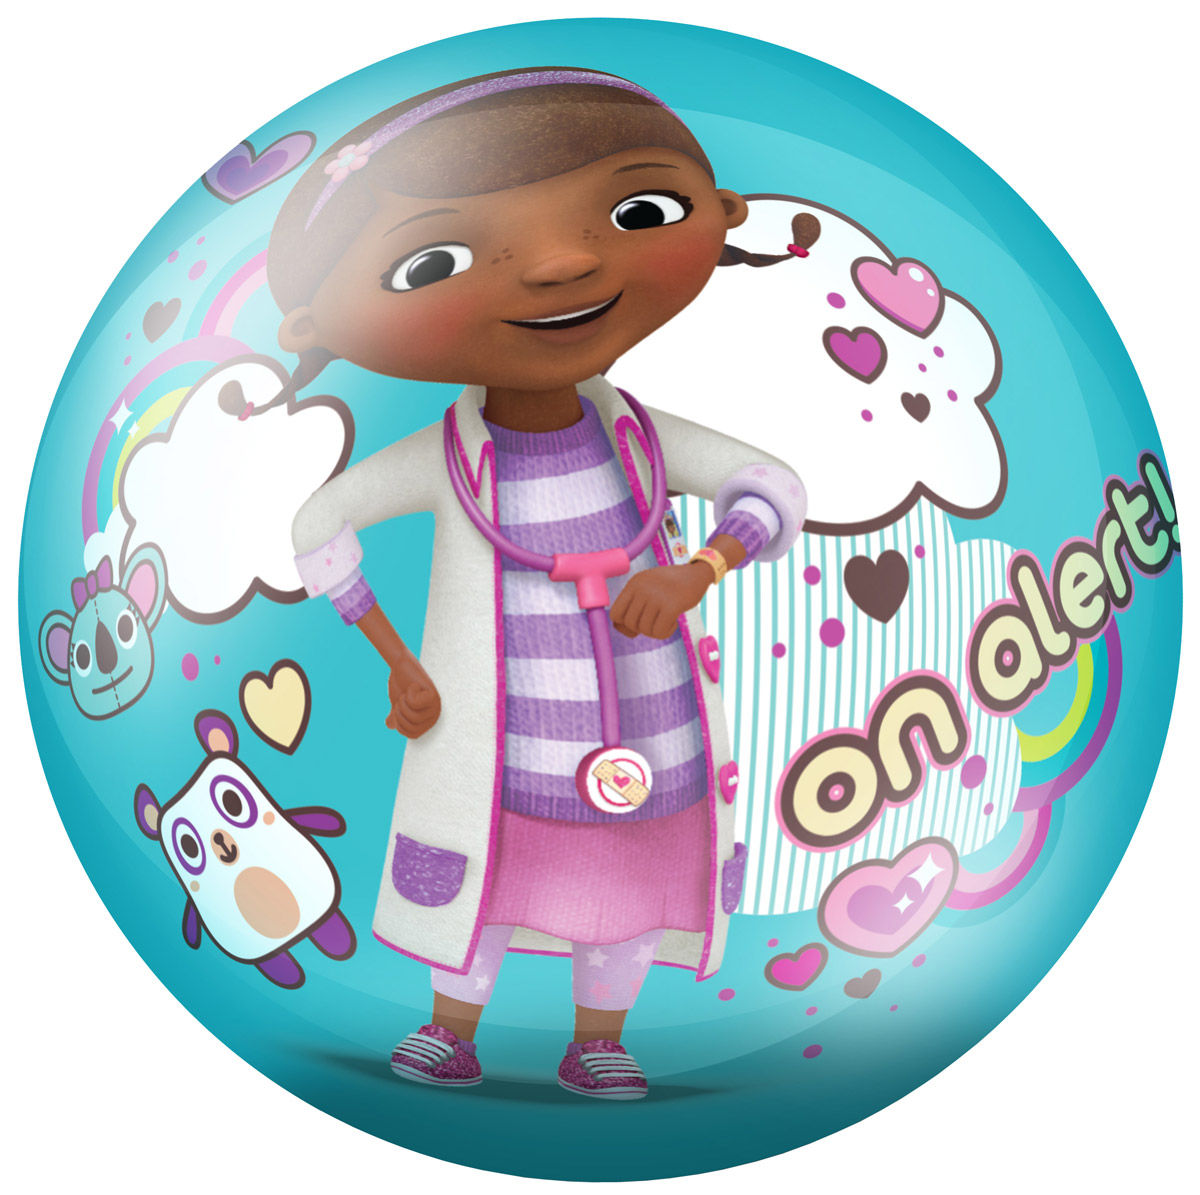 Fresh Trend Мяч Доктор Плюшева 15 см мячики и прыгуны fresh trend мяч доктор плюшева 15 см